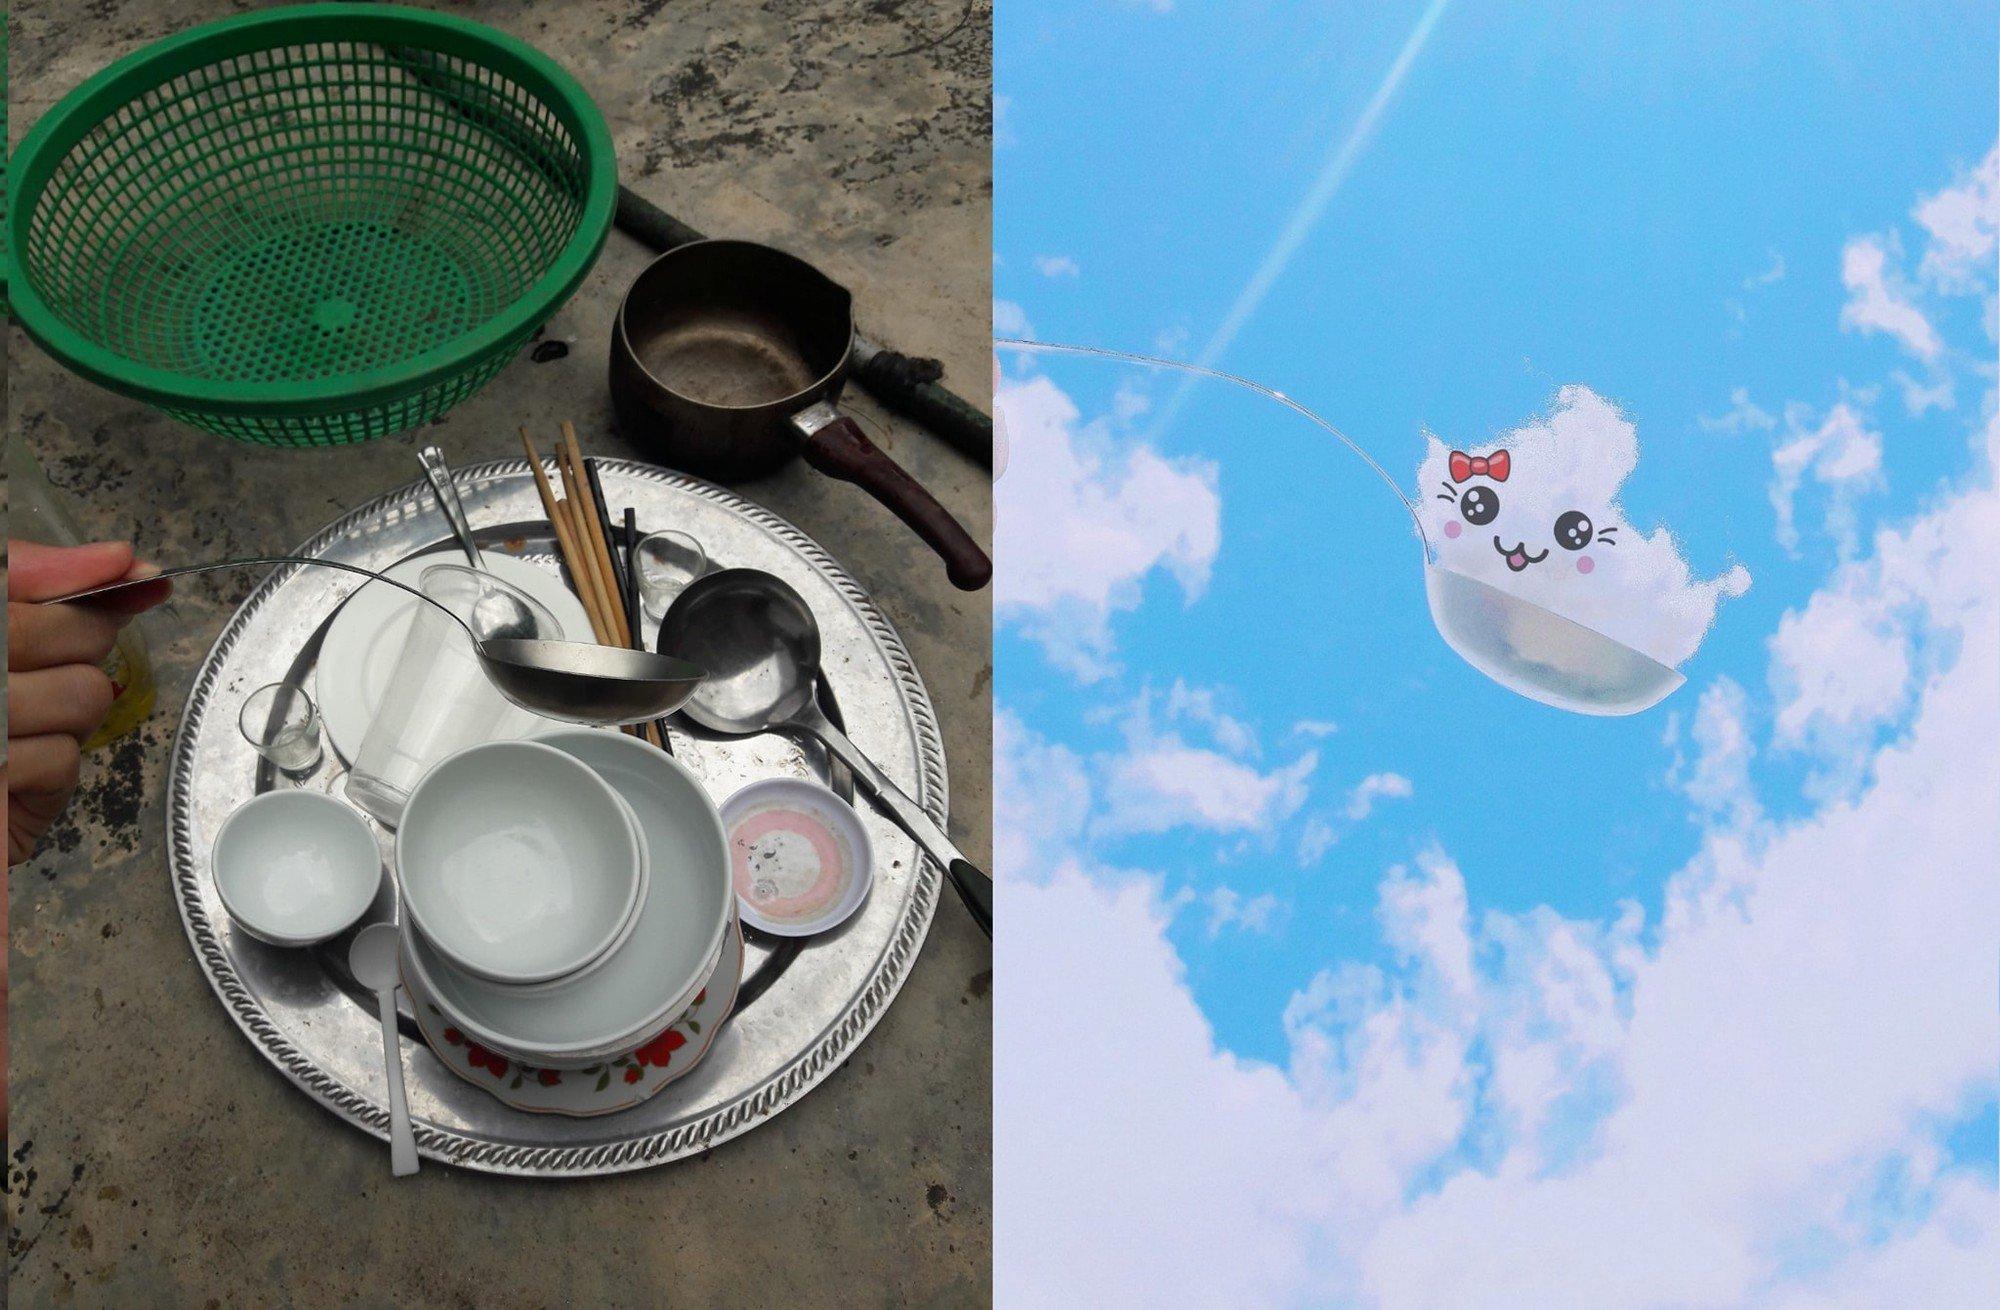 Bị mẹ bắt đi rửa bát, thanh niên cao hứng sáng tạo luôn một bộ ảnh siêu đáng yêu với mây trời 2